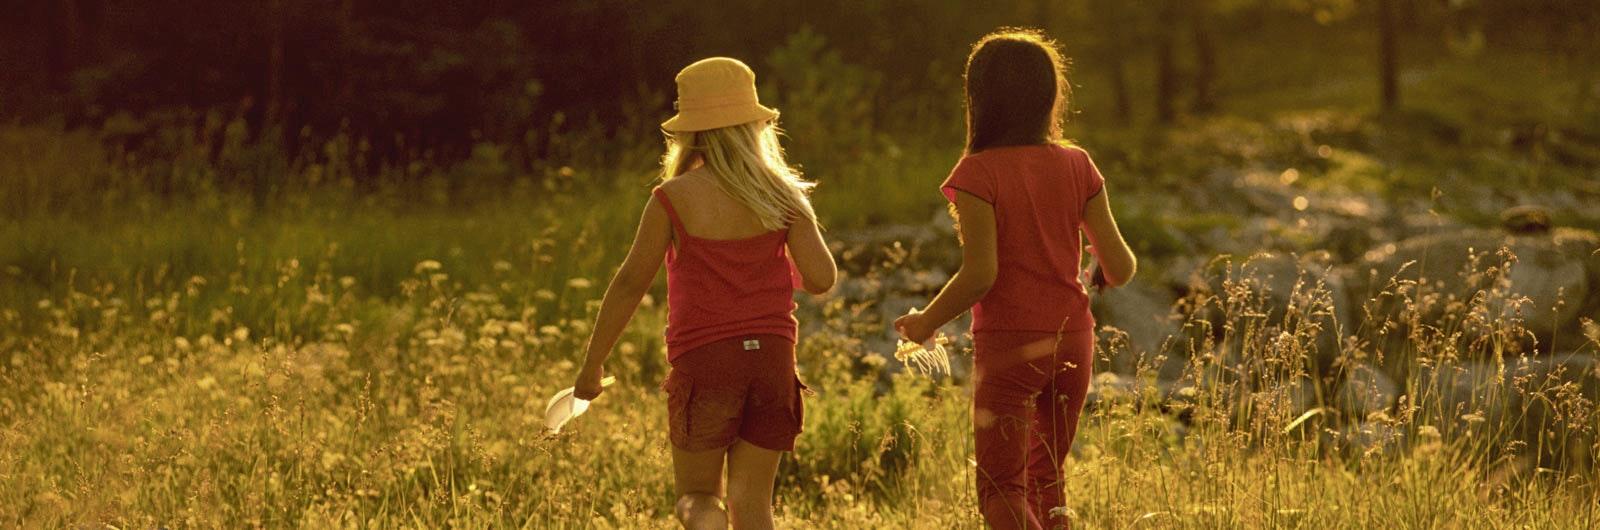 Två flickor på sommaräng i motljus